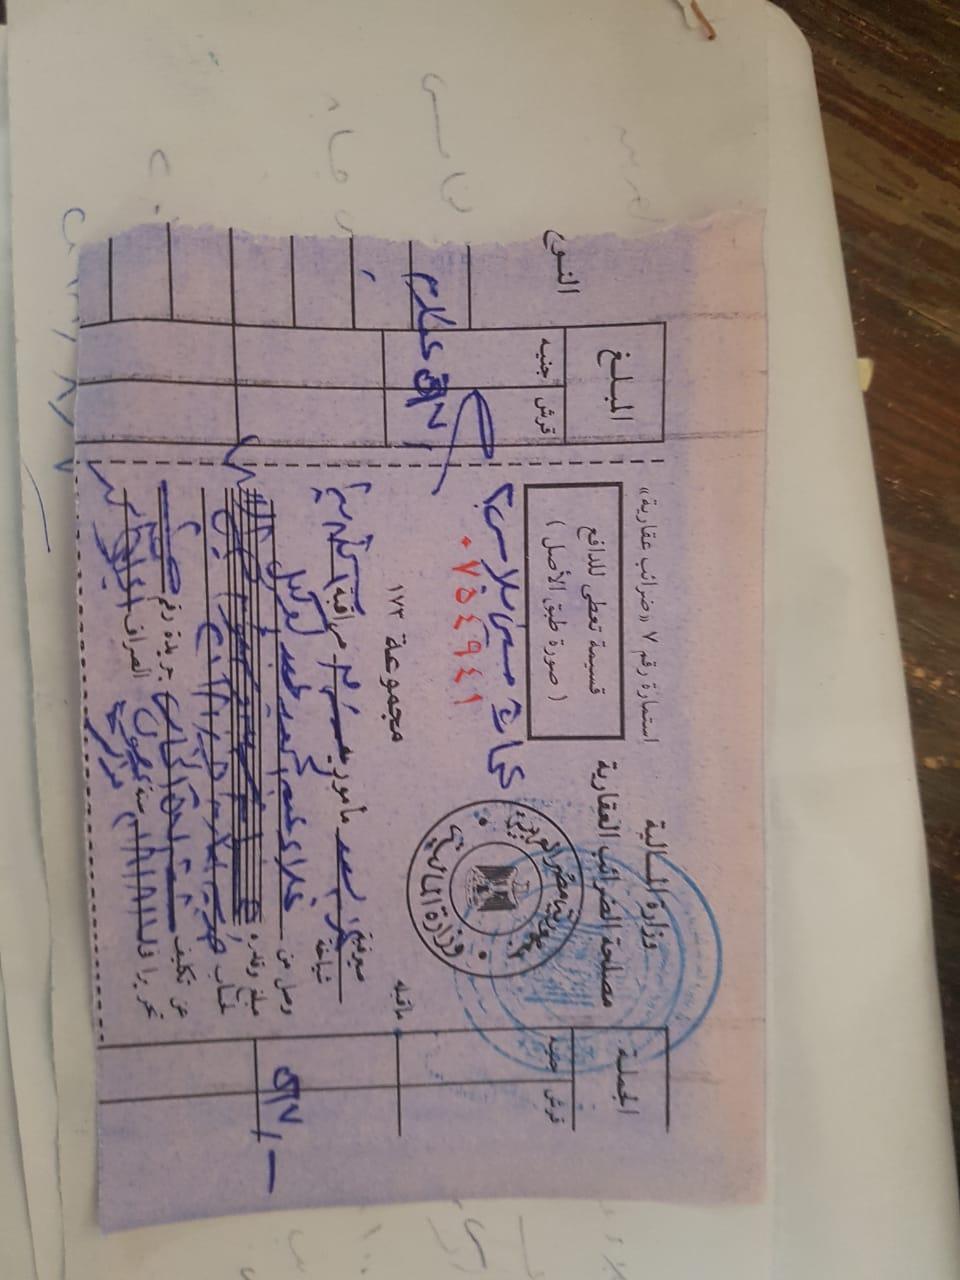 أزمة مشروع سيتي بالاس بالإسكندرية (16)